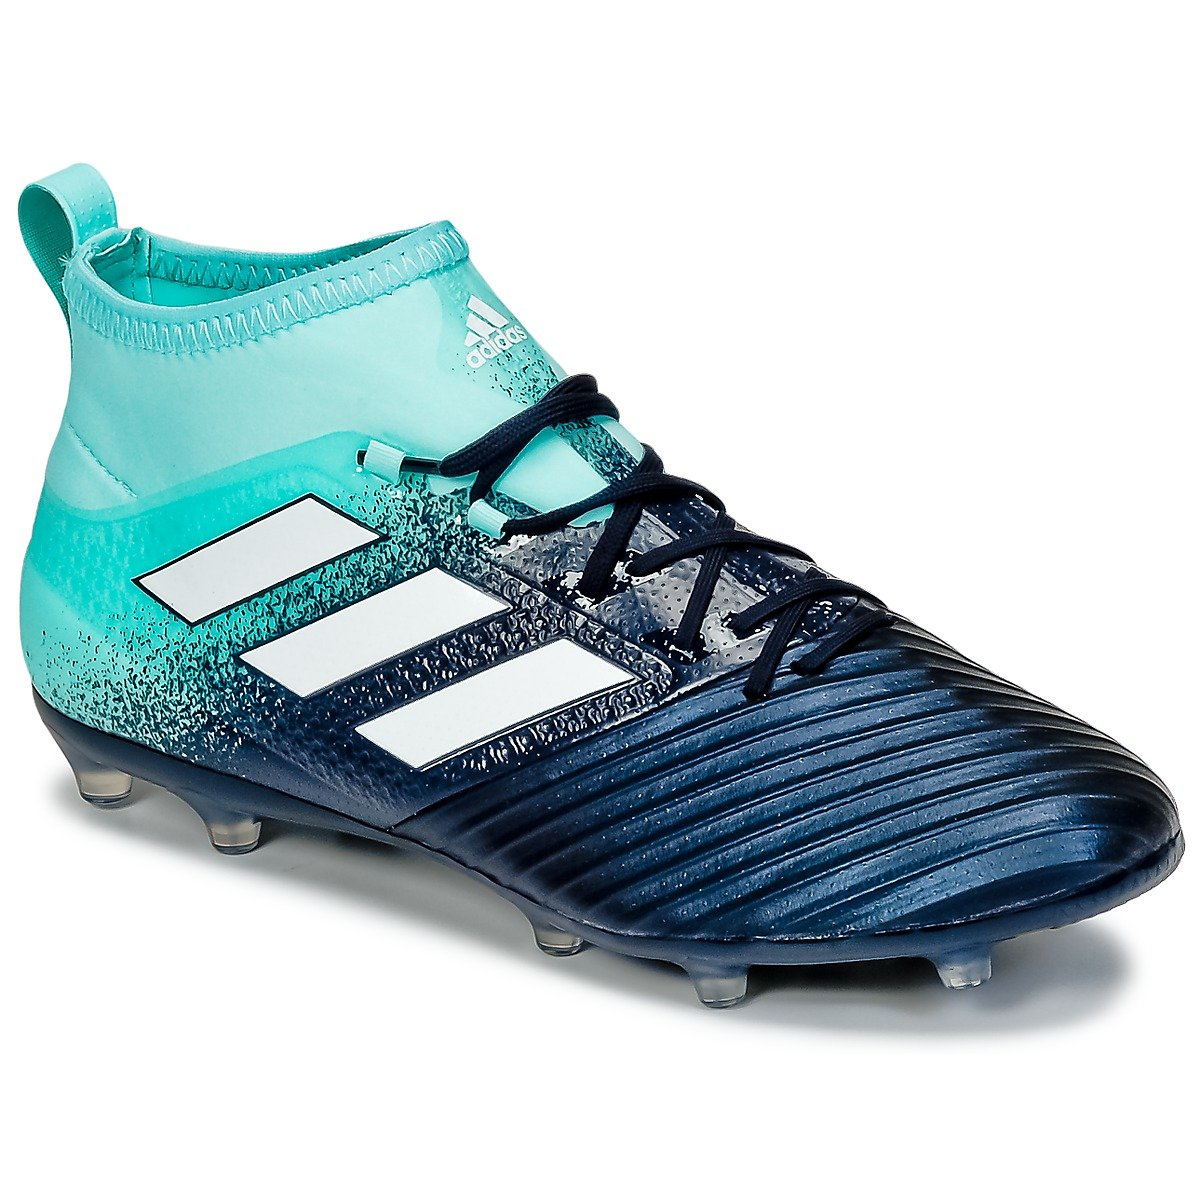 Azzurro adidas Ace 17.2 Primemesh Fg, Sautope da Calcio Uomo